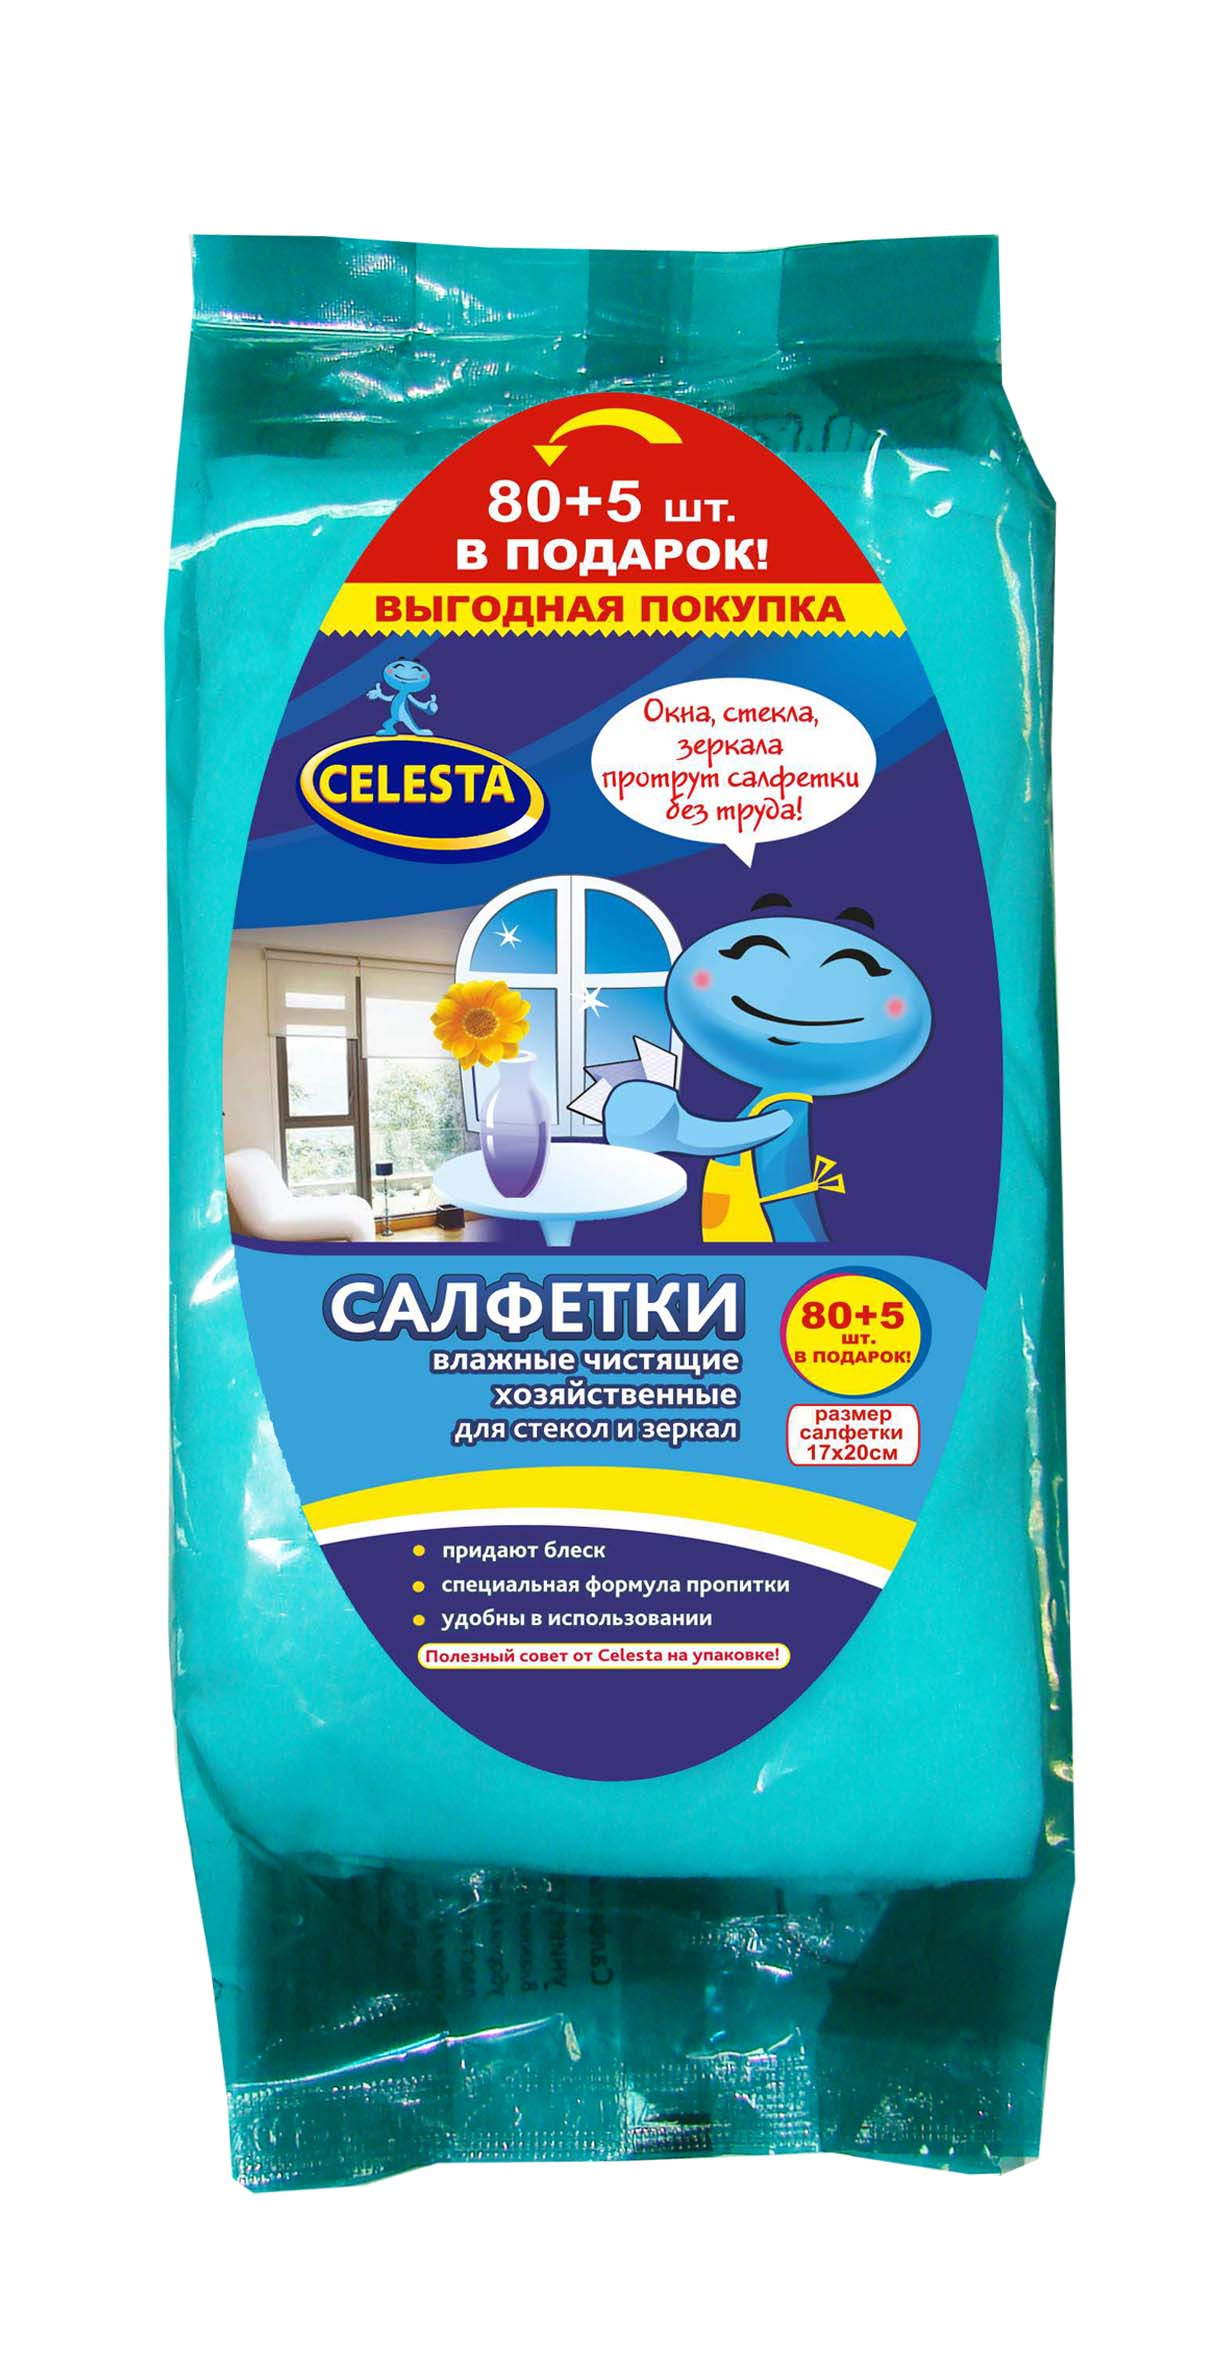 Салфетки влажные Celesta, для стекол и зеркал, 85 штCLP446Влажные чистящие салфетки Celesta быстро очистят стеклянные поверхности и зеркала от любых видов загрязнений и пыли. Благодаря специальной формуле пропитки, не оставляют разводов, ворсинок, придают блеск обрабатываемым поверхностям. Пропитывающий состав безопасен для кожи рук.Размер салфетки: 17 см х 20 см.Состав: нетканое полотно, пропитывающий лосьон.